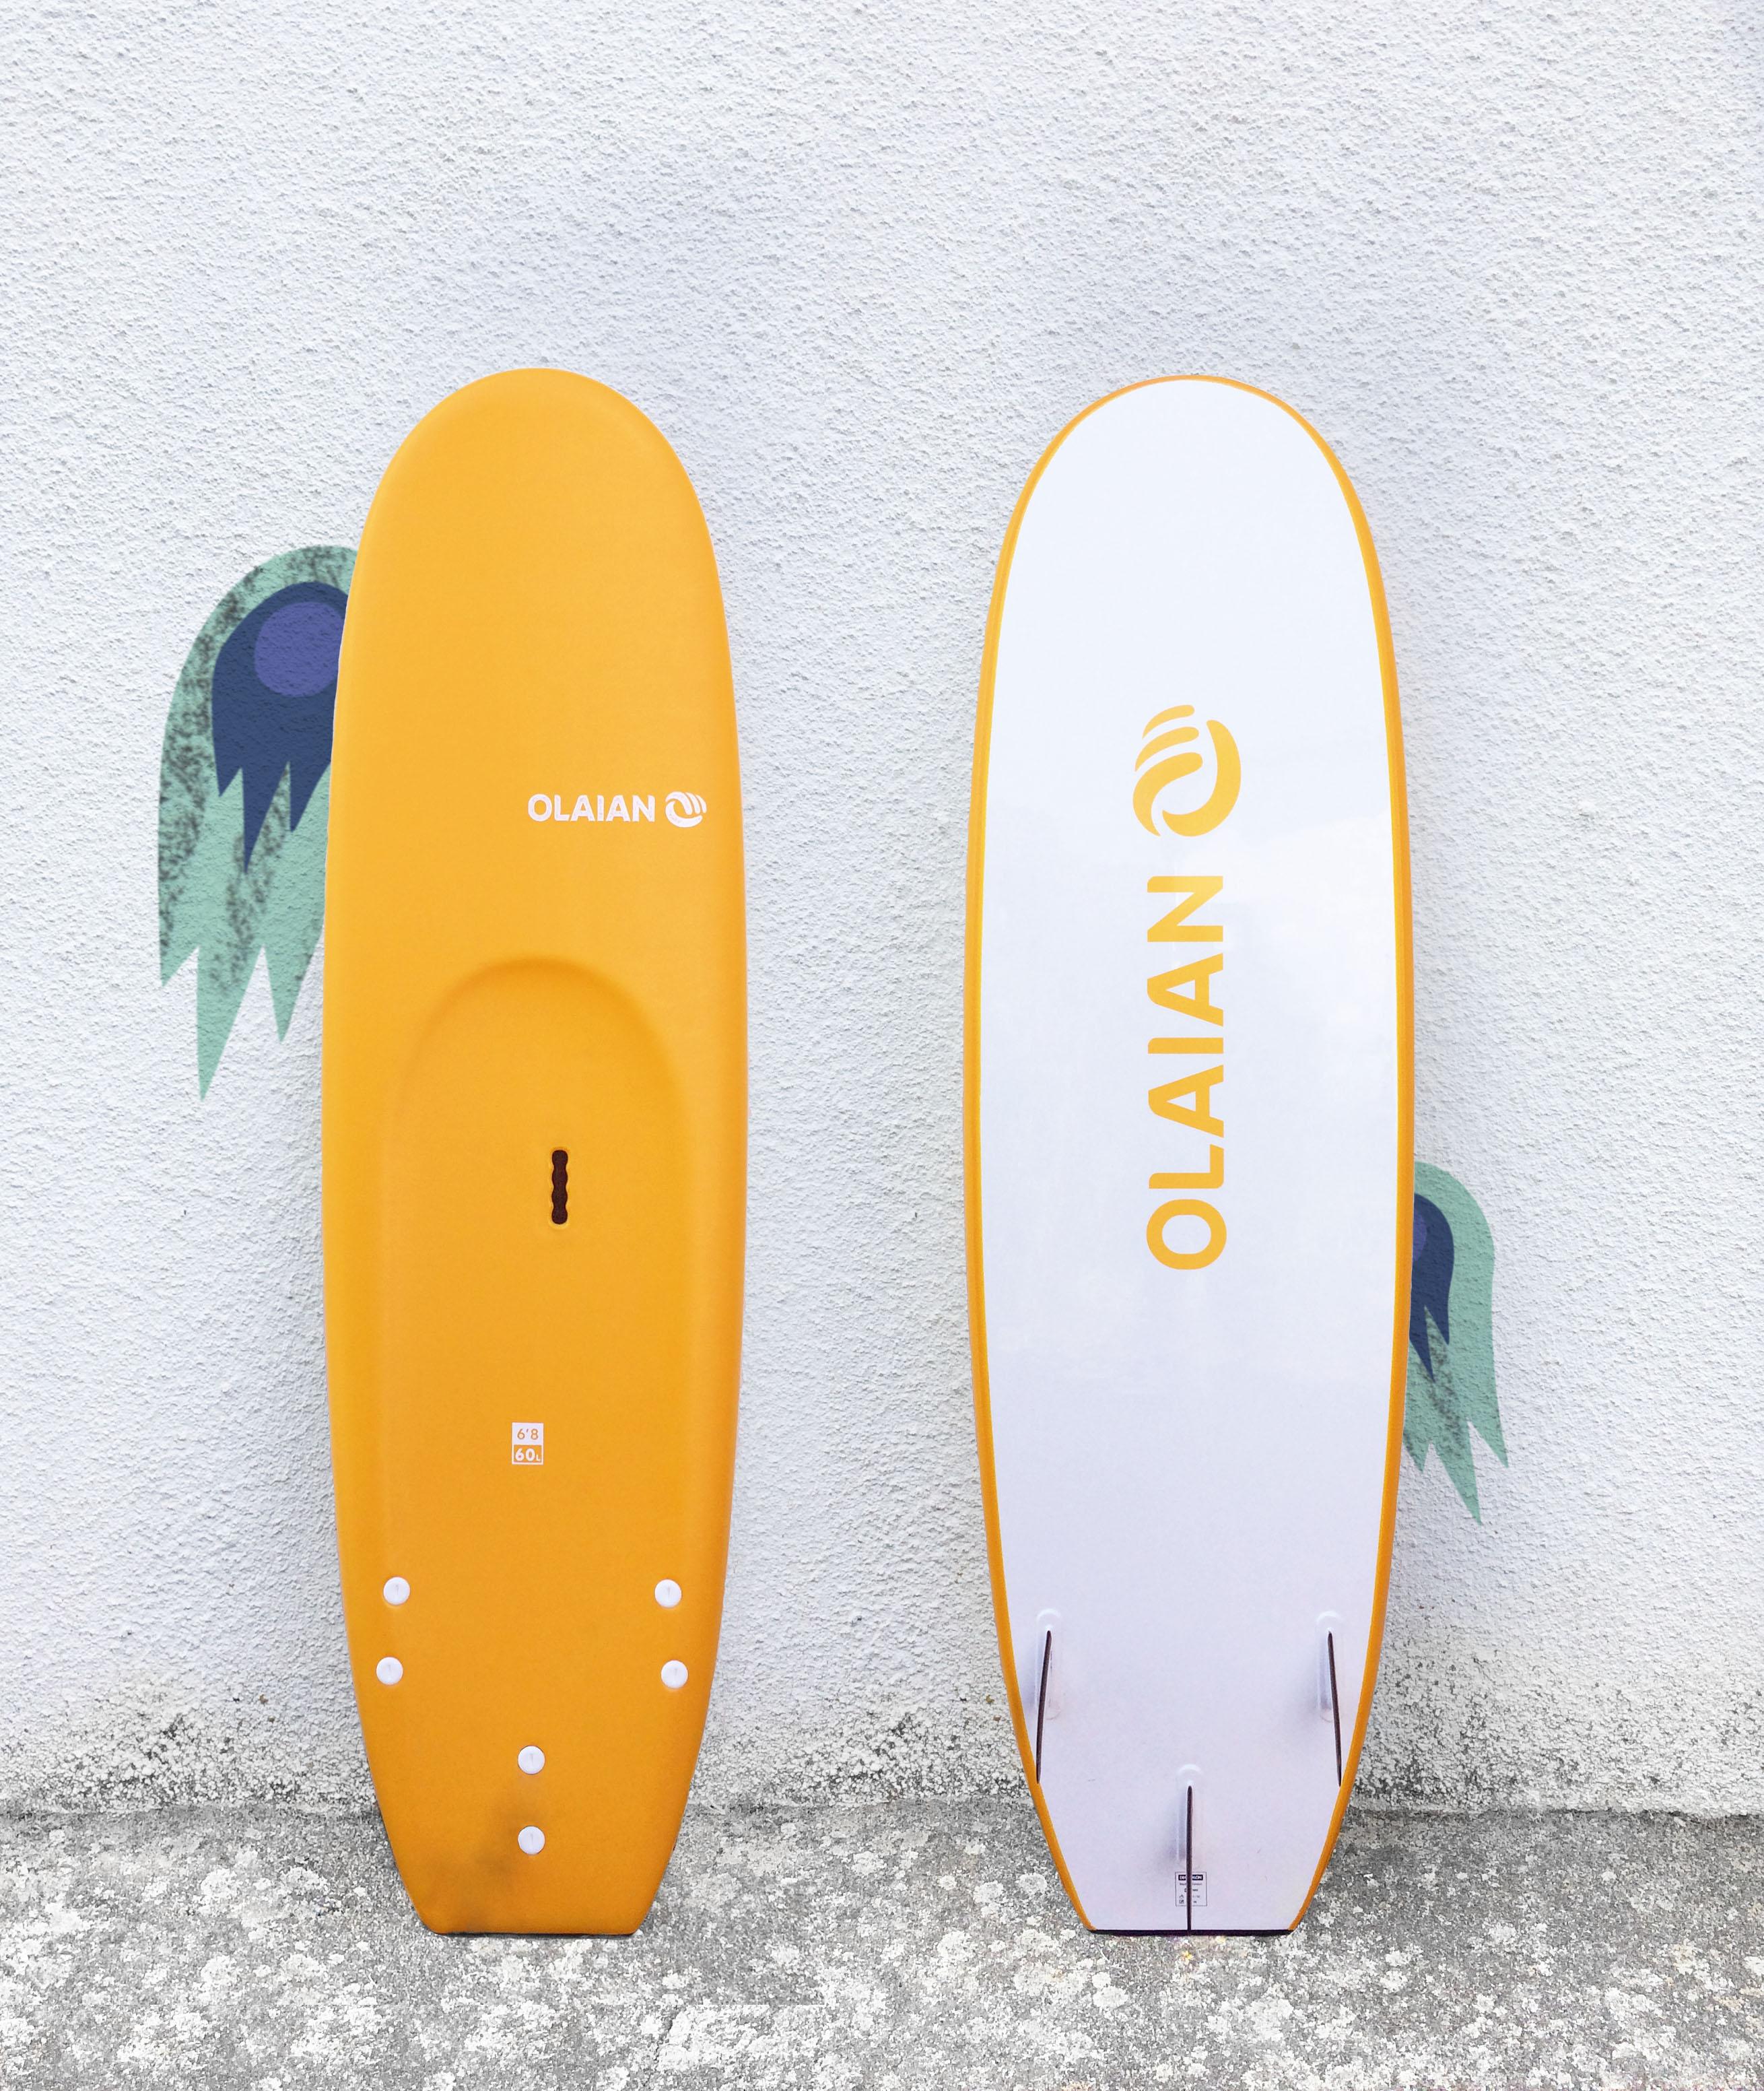 planche surf mousse olaian 6'8